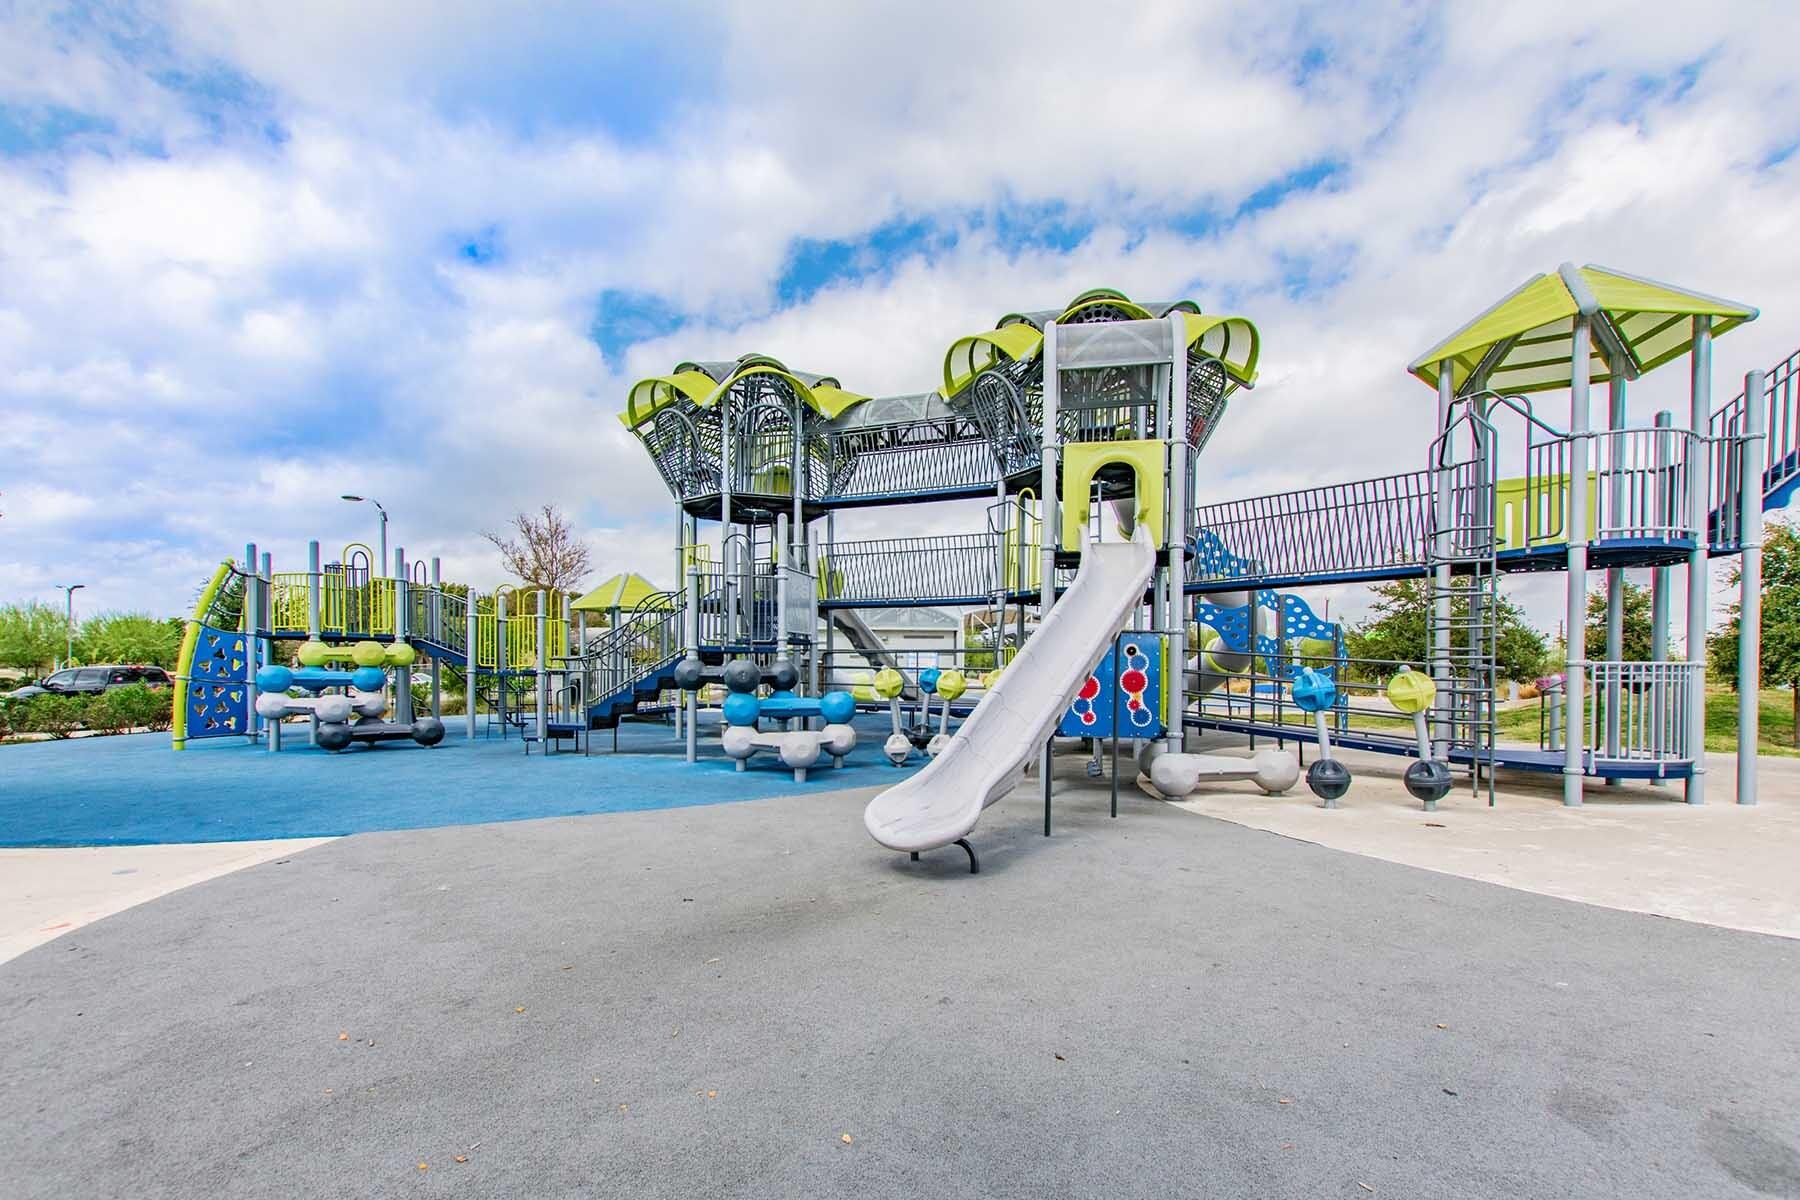 Sage Valley Playground